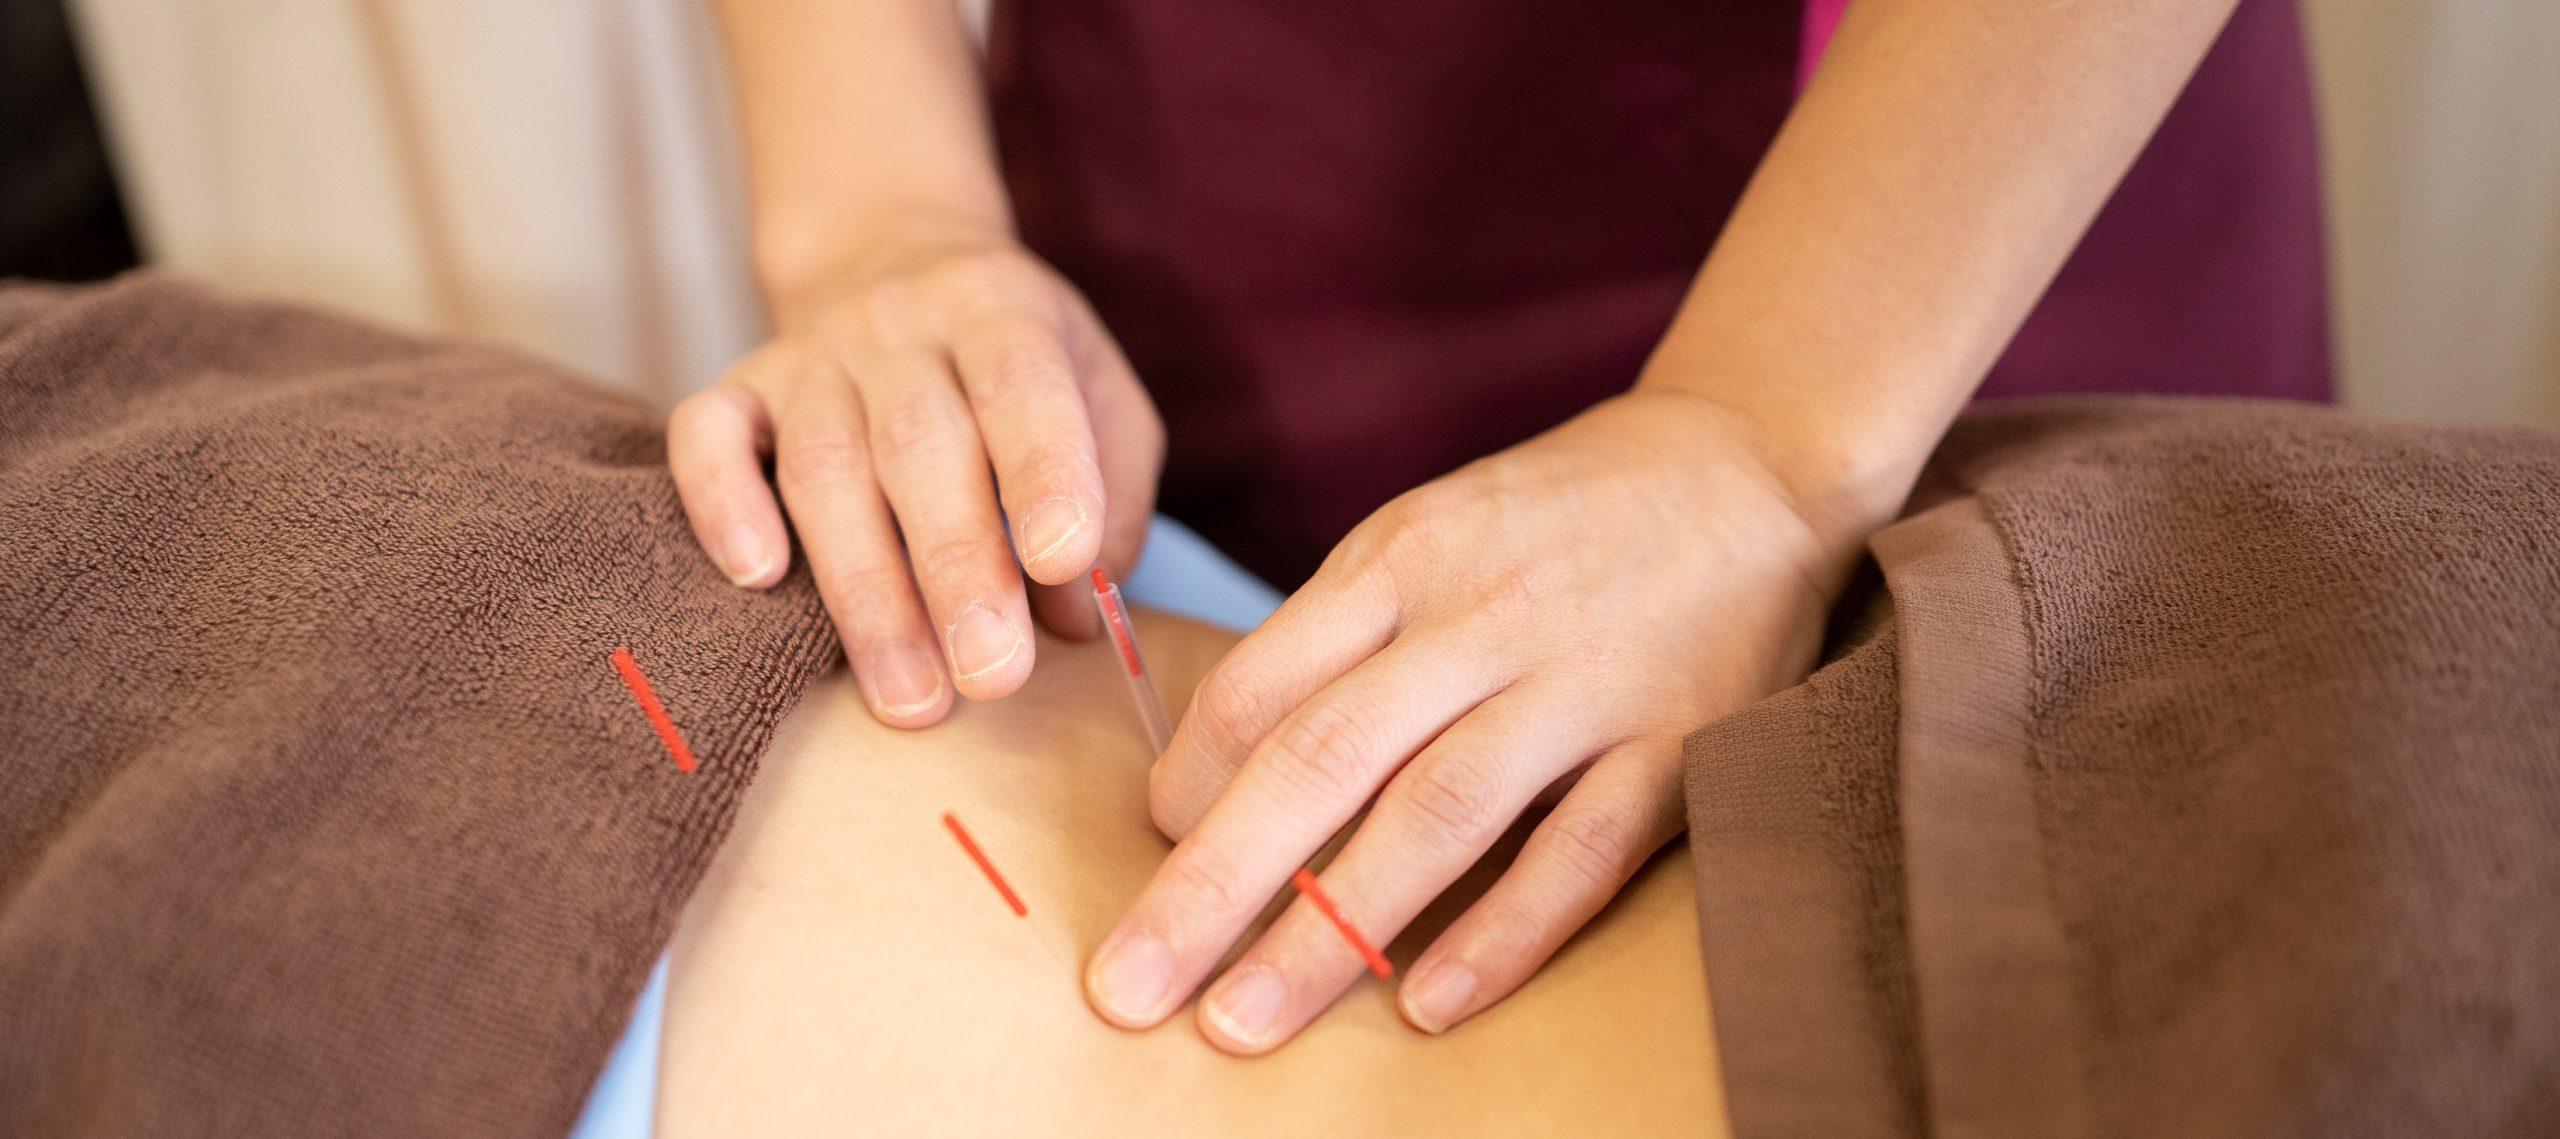 腰痛の鍼灸治療|名取市の鍼灸院